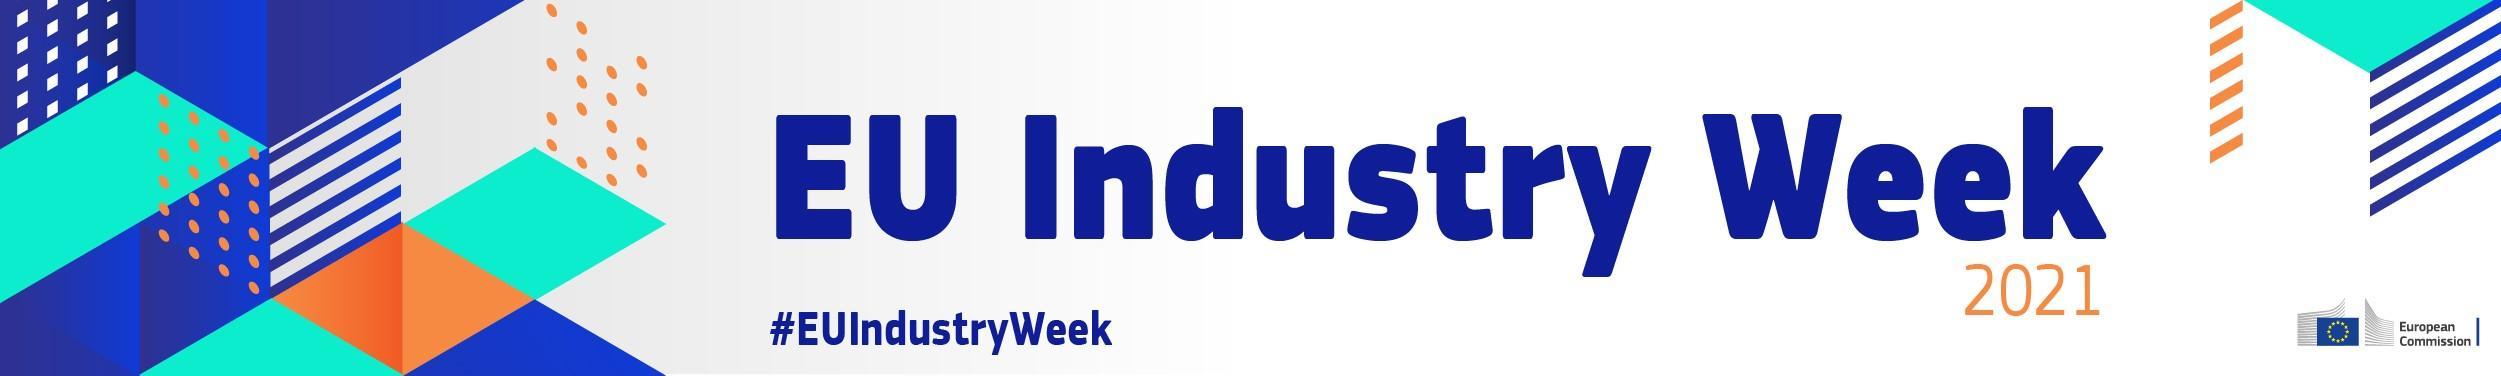 EU Industry week